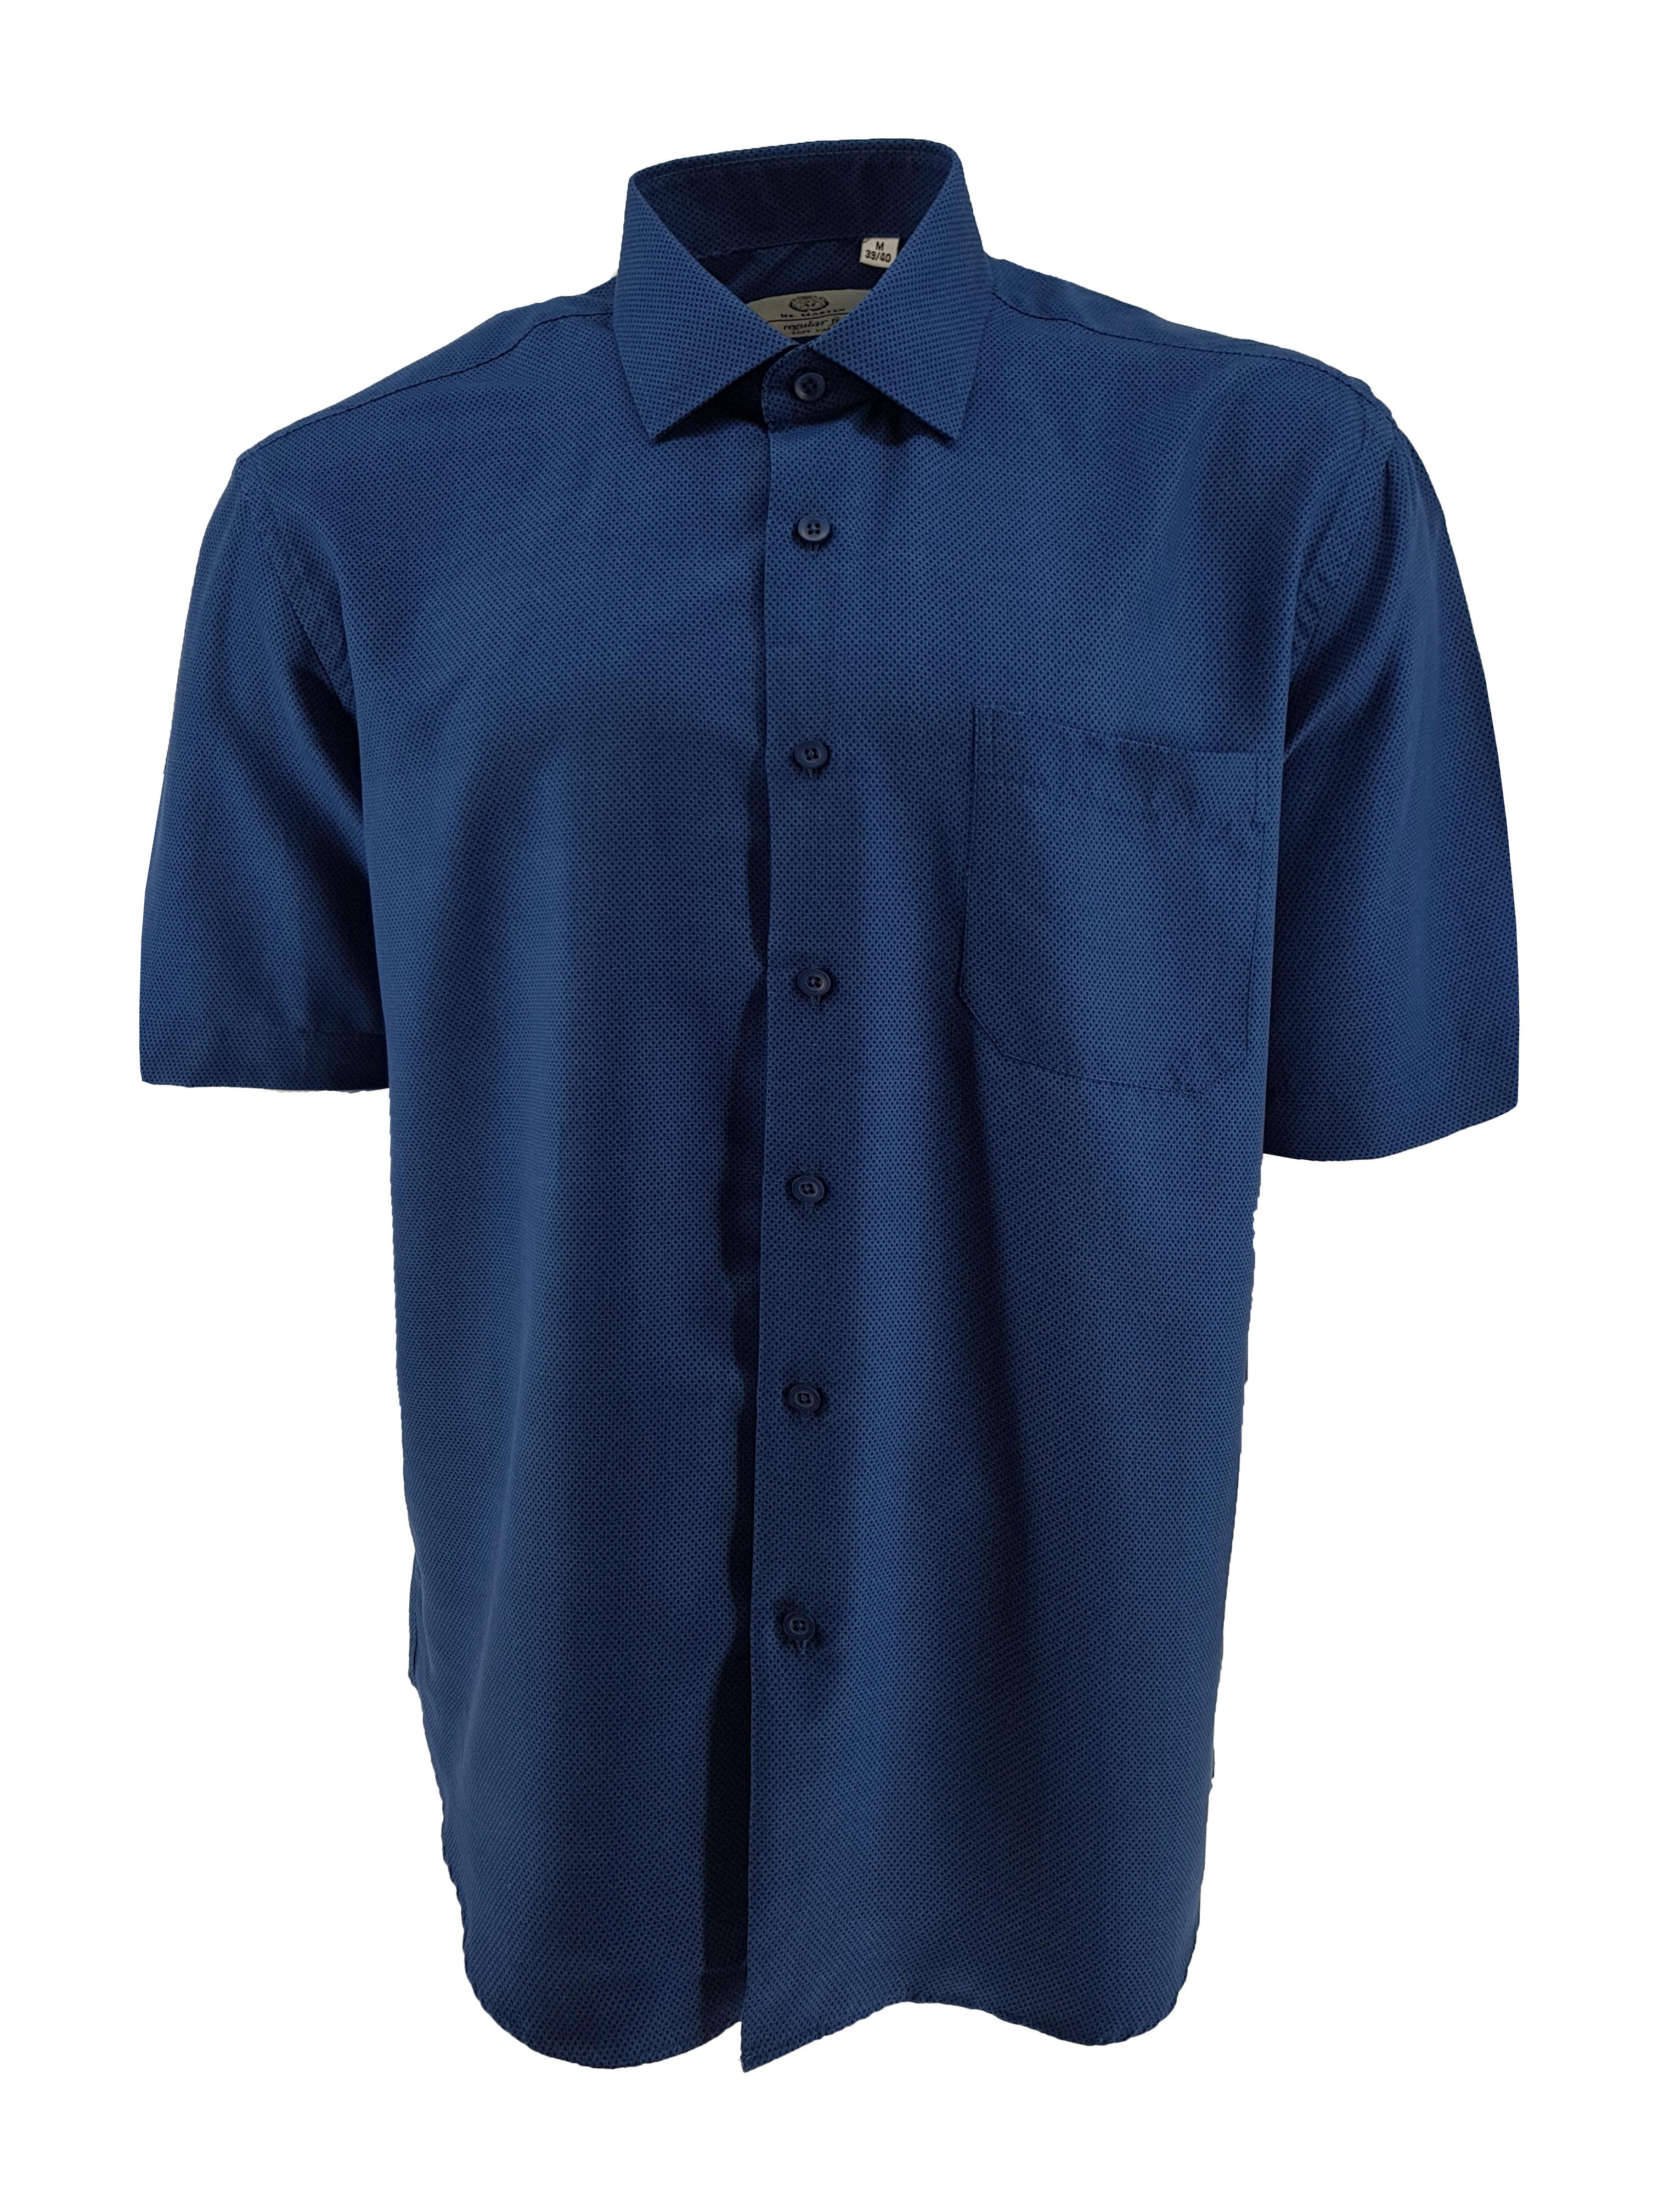 Overhemd van Mr. Marten Easy care, regular fit, hele fijne zachte stof. Borstzakje op de linkerkant, korte mouw.